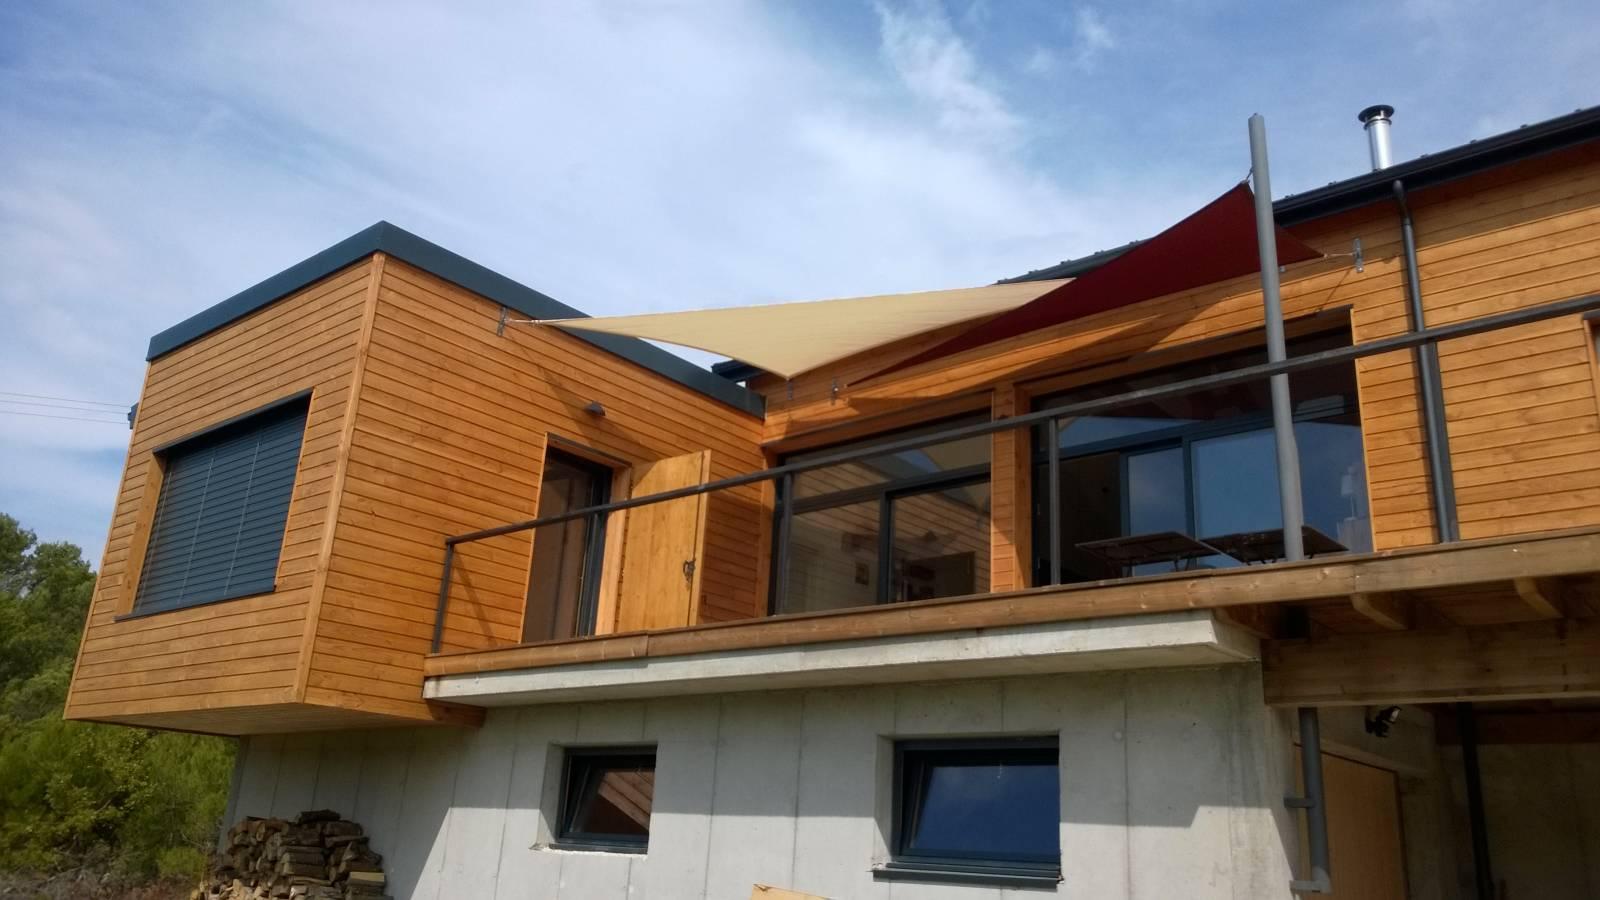 Maison ossature bois avec terrasse suspendue à Rochefort